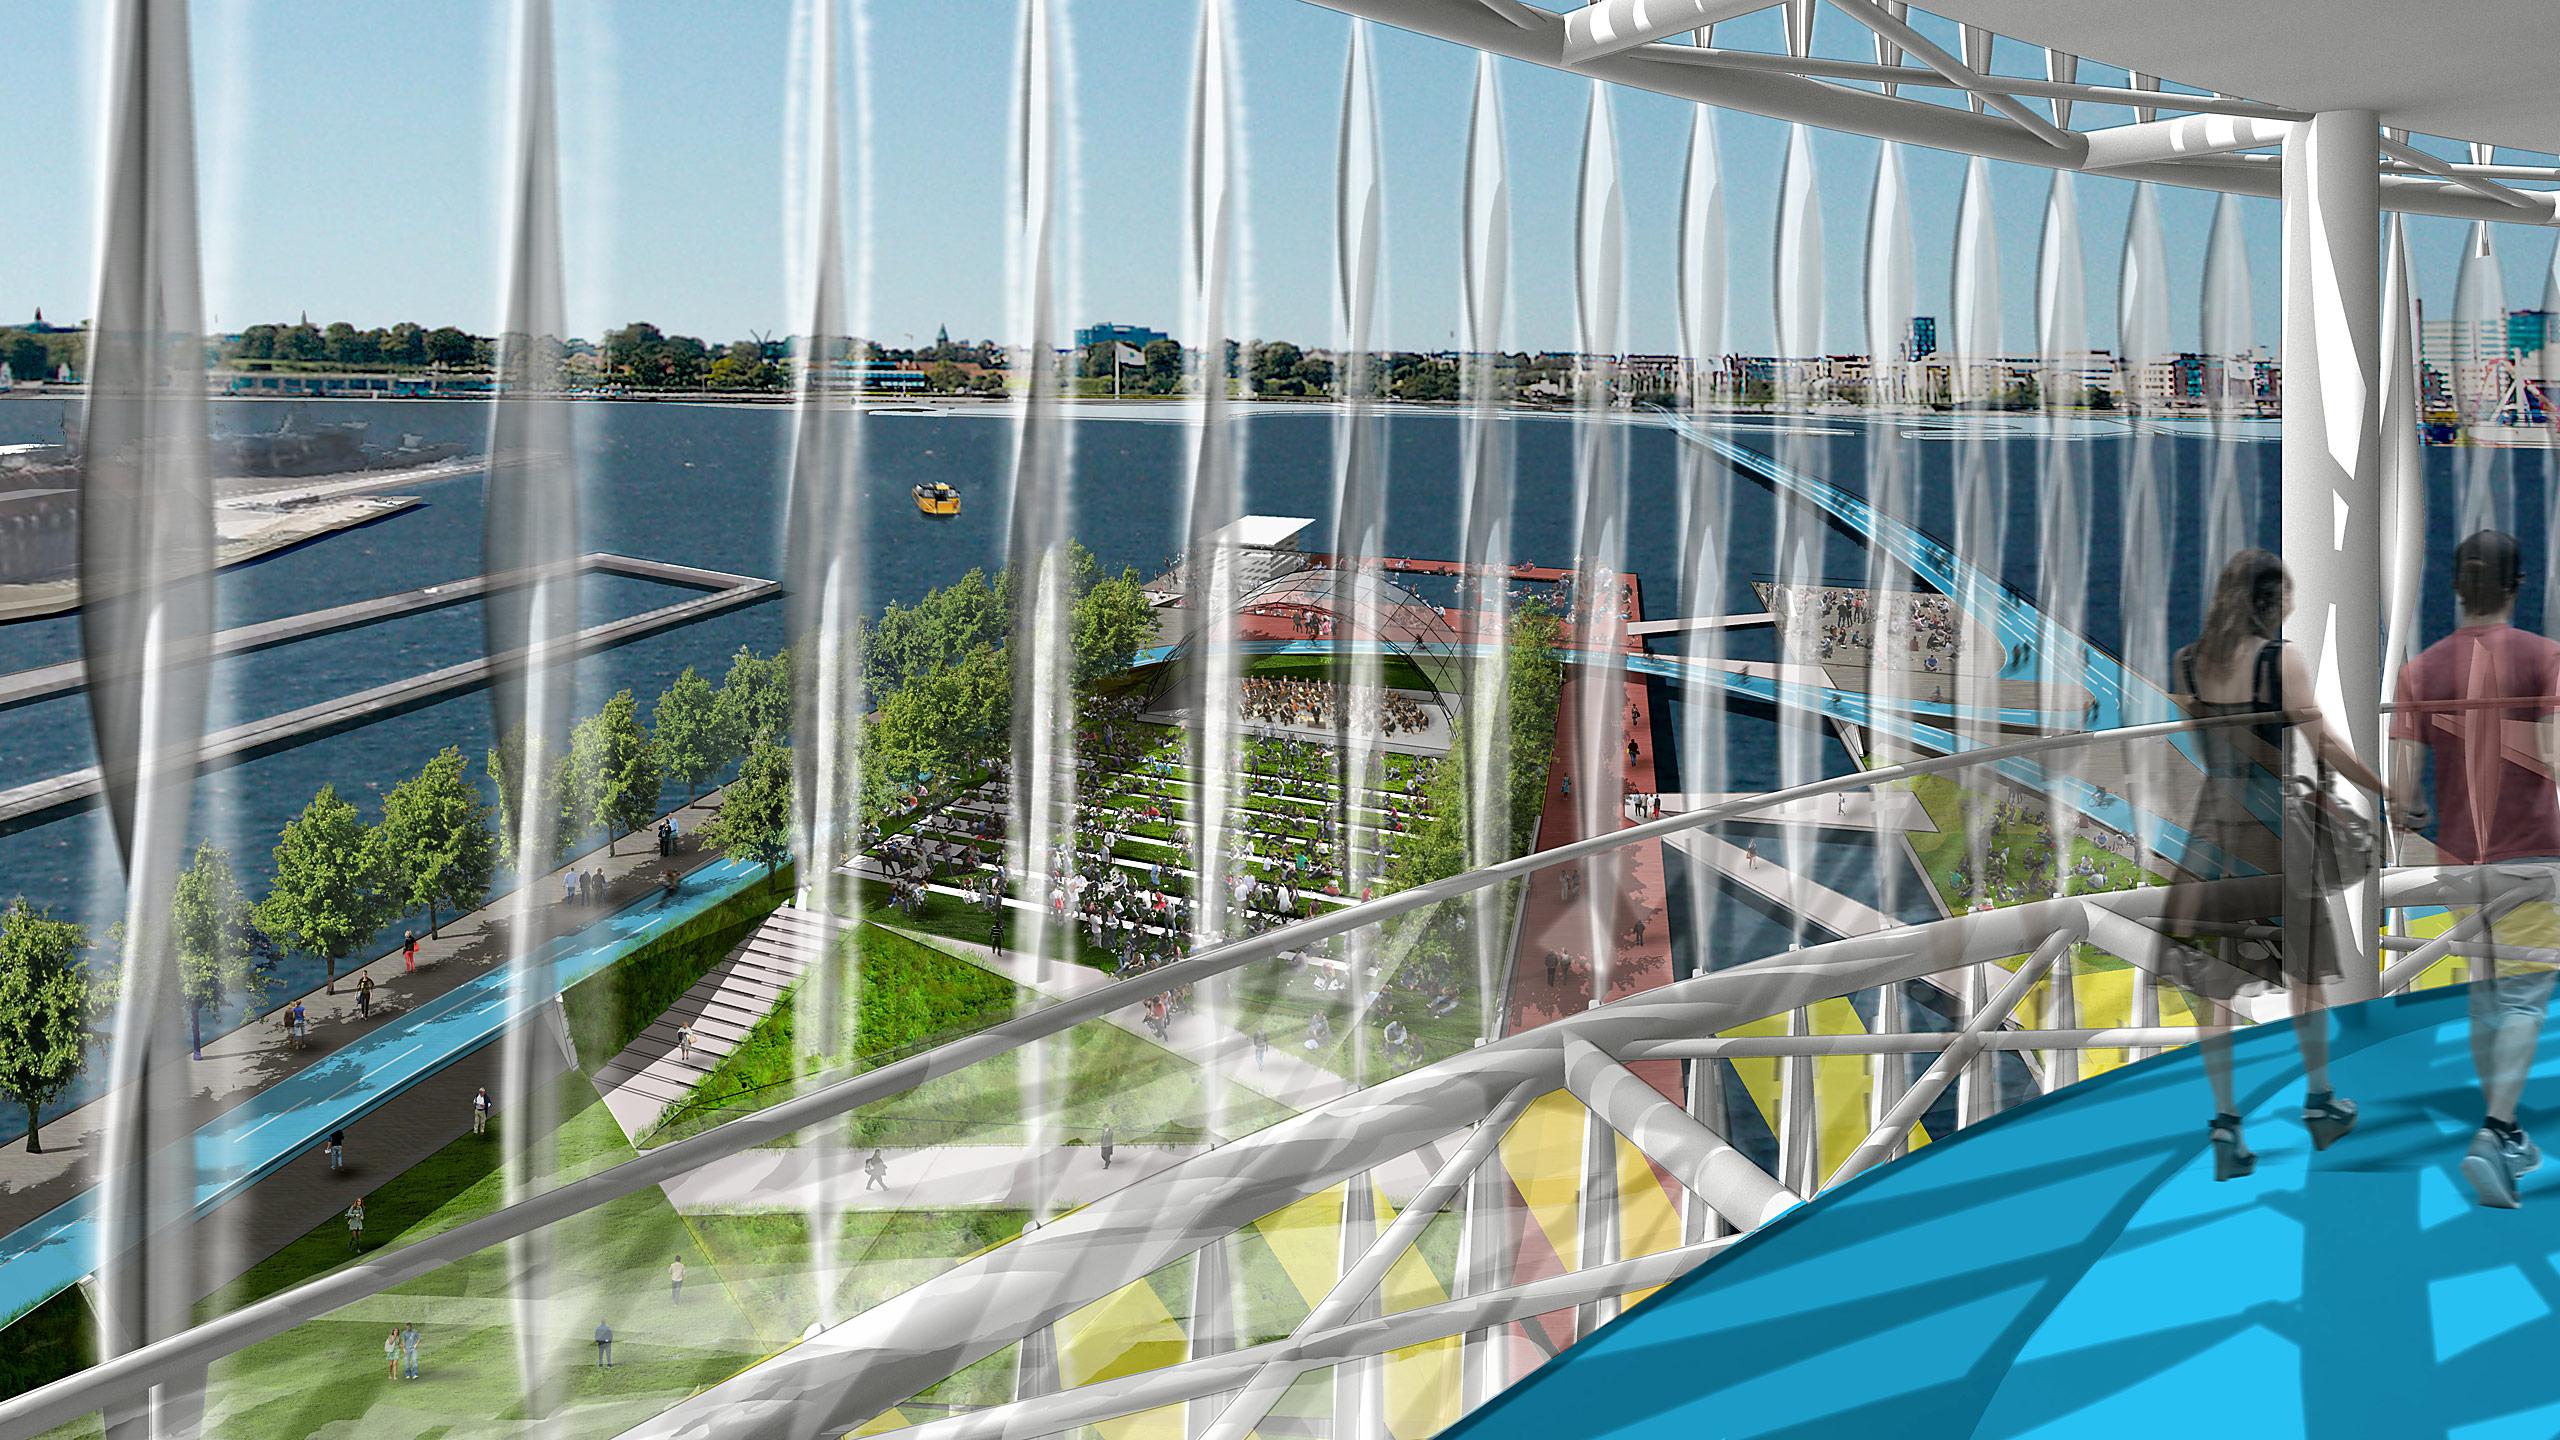 Refshaleoen Redevelopment: Motion Actuation Urban Design / image 6